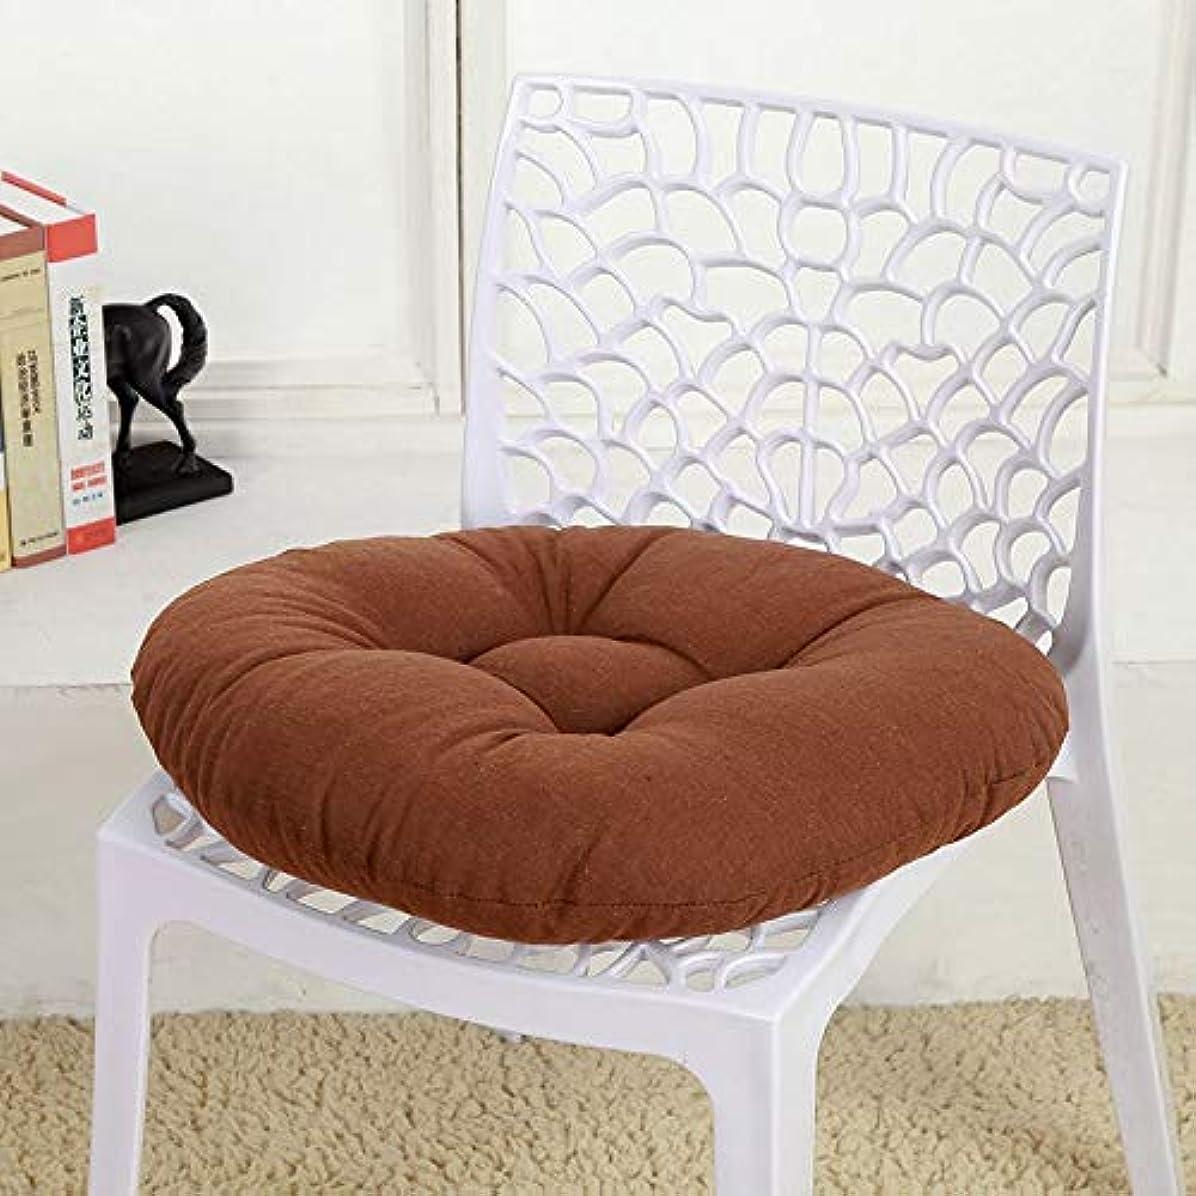 惑星ペグ商標SMART キャンディカラーのクッションラウンドシートクッション波ウィンドウシートクッションクッション家の装飾パッドラウンド枕シート枕椅子座る枕 クッション 椅子